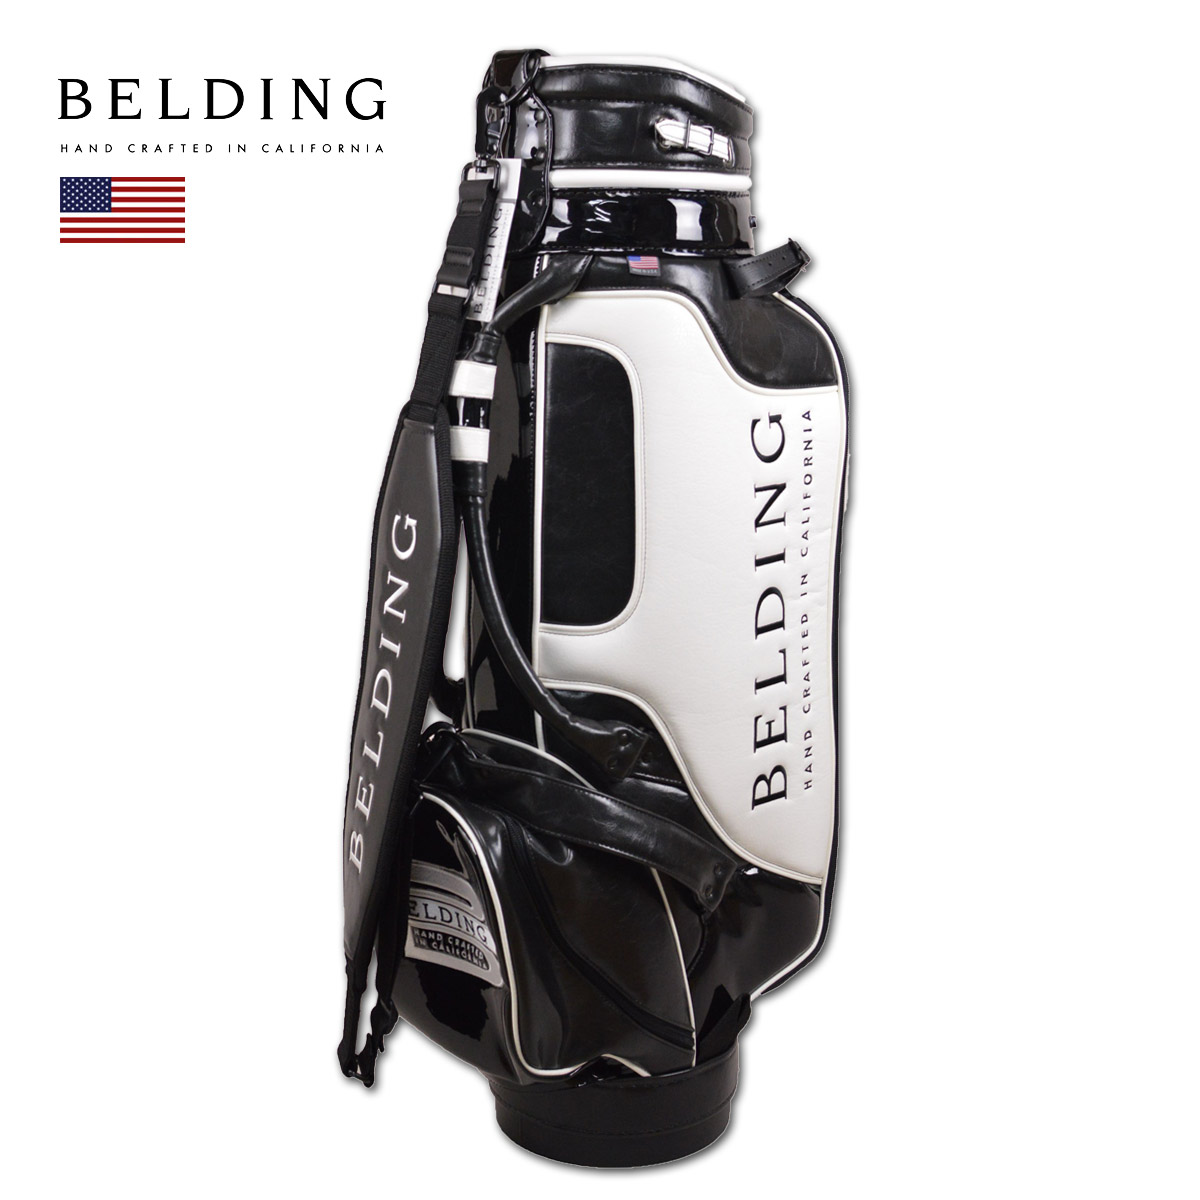 BELDING キャディバッグ メンズ 白 黒 hbcb850095【 あす楽 送料無料 】[ ベルディング ゴルフ スタンド 8.5インチ 6分割 CRUZ クルーズ ゴルフバッグ かっこいい おしゃれ golf 高級 レア 父の日 限定 キャディーバッグ ]